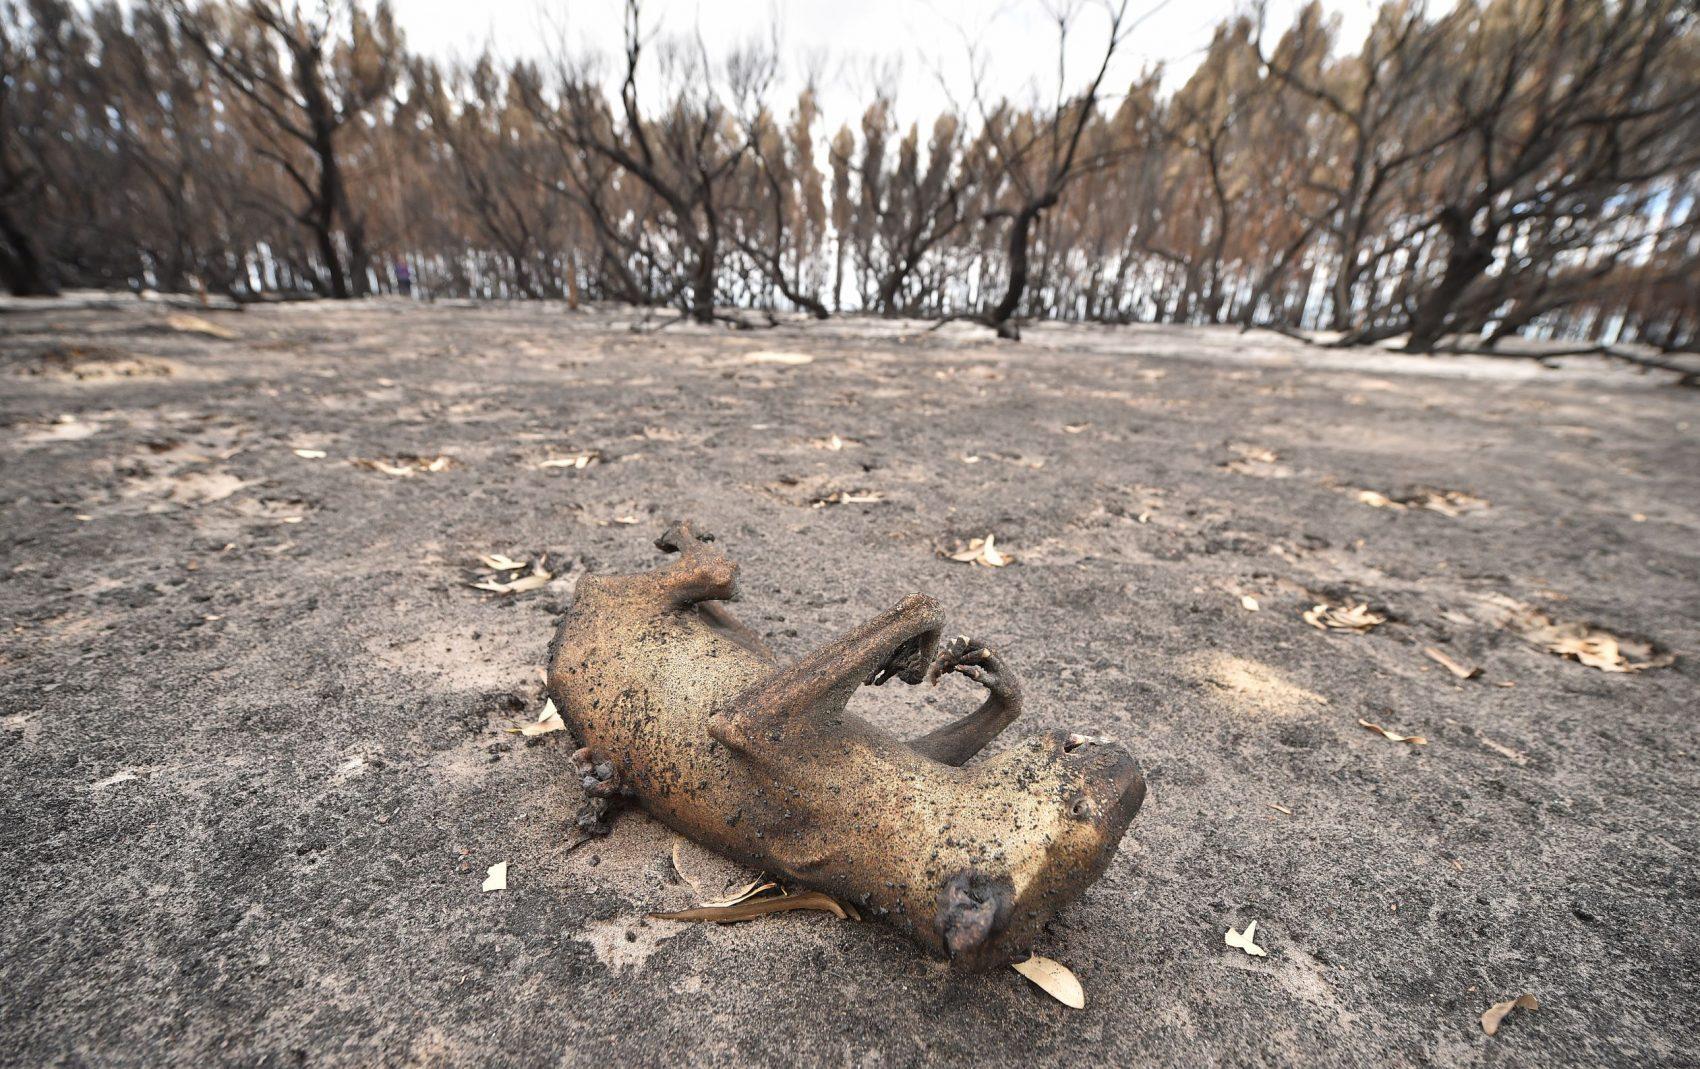 Coala morto pelo fogo na Ilha do Canguru, na Austrália: um terço da população dos coalas australianos já morreu nos incêndios (Foto: Peter Parkis/AFP)